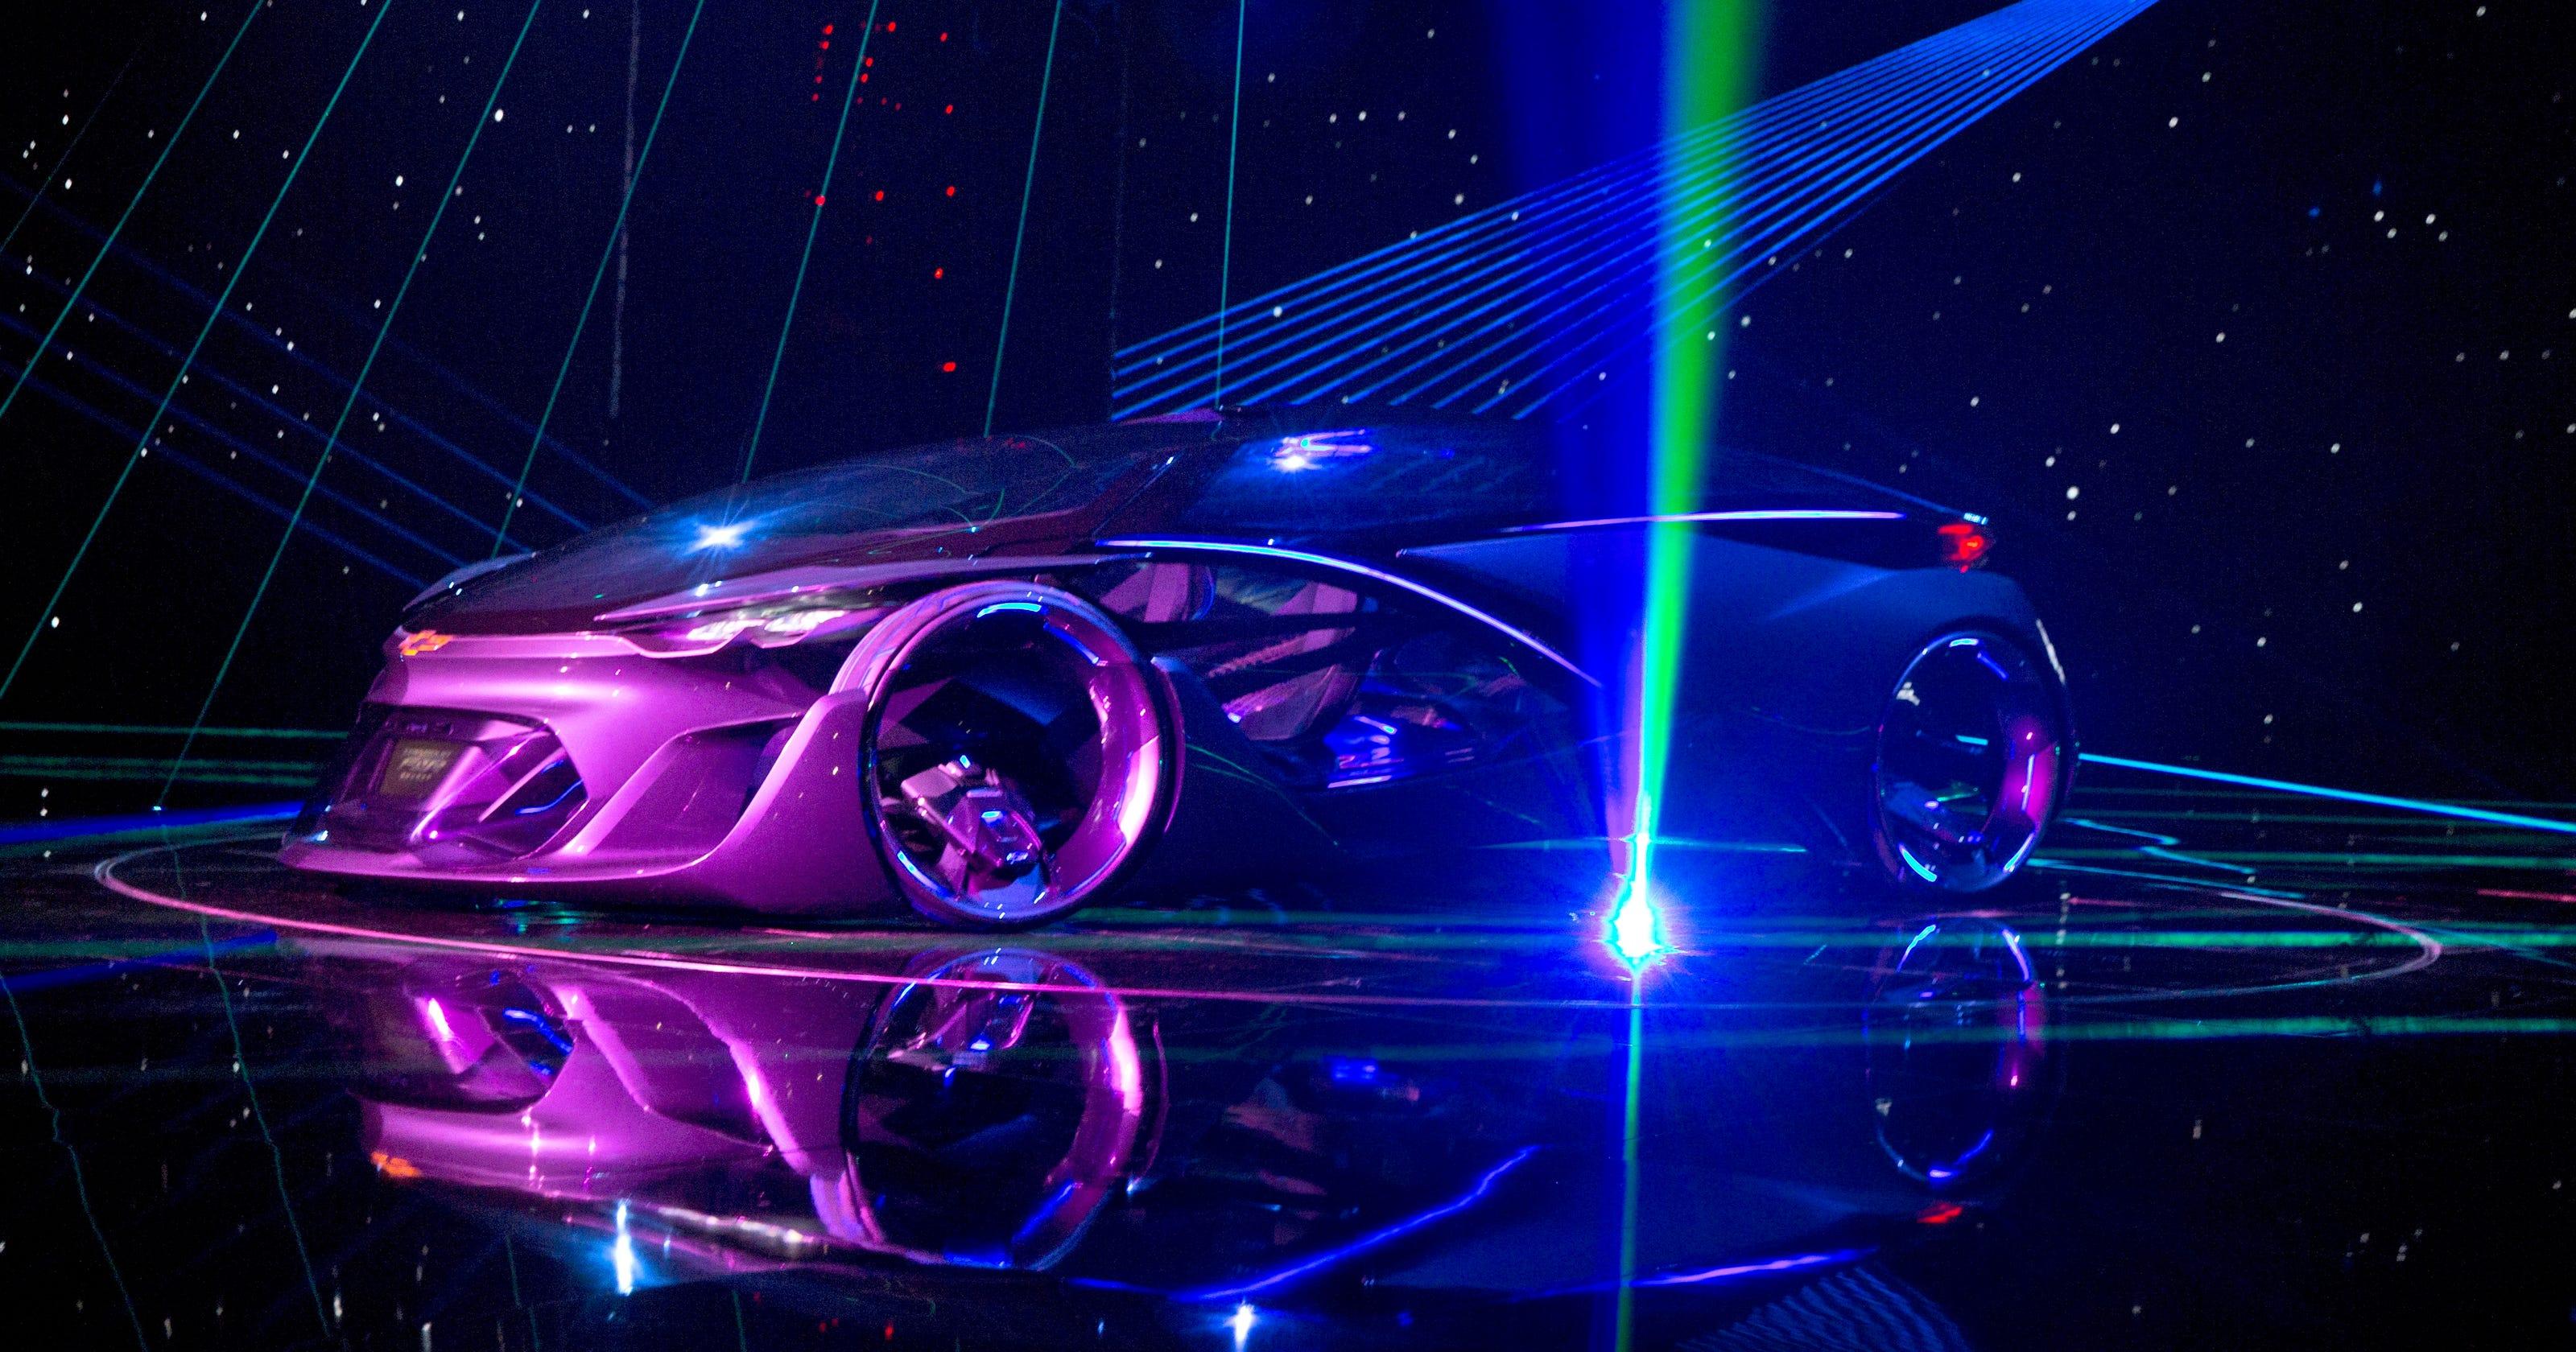 Chevy Shows Fnr Autonomous Concept In Shanghai The Electric Car Chevrolet